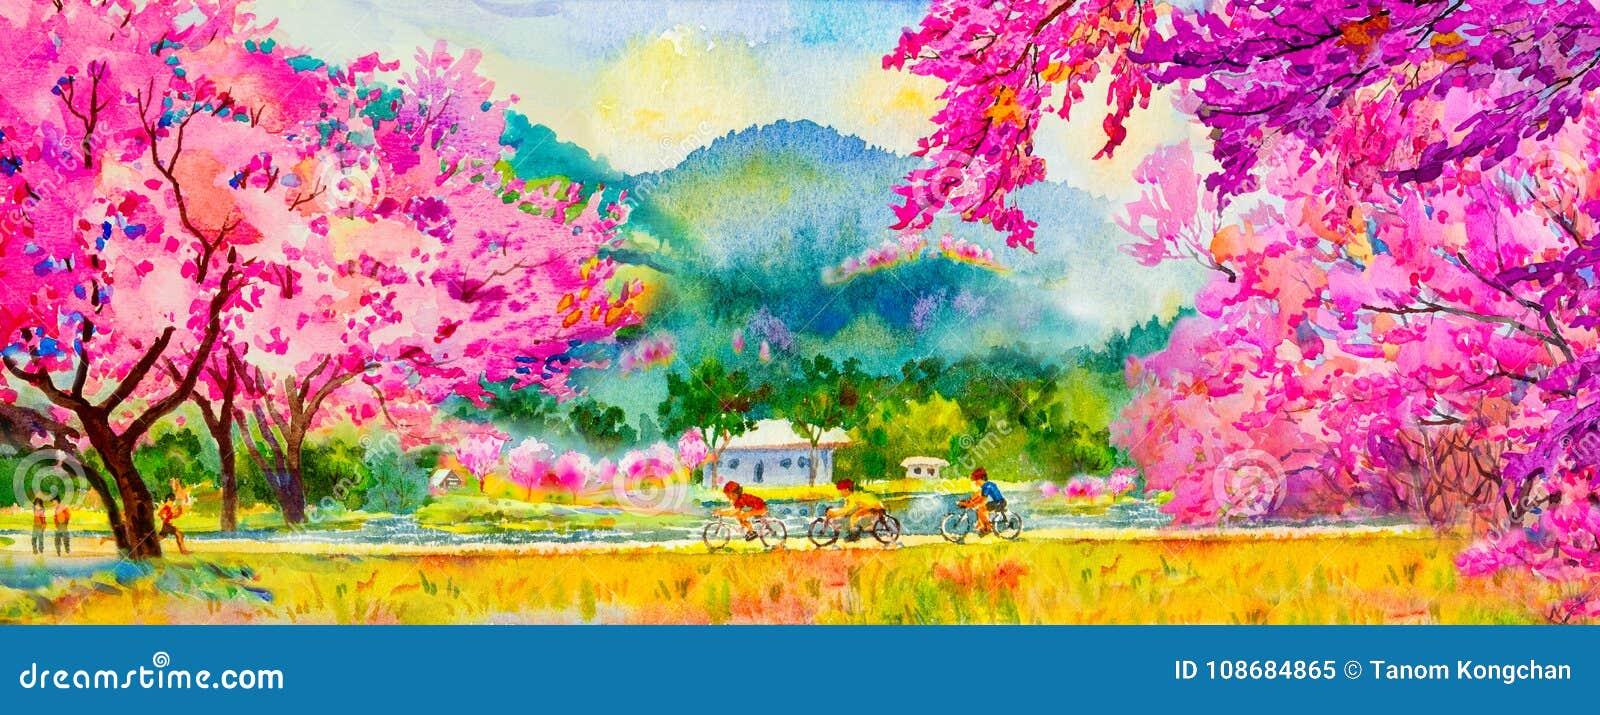 Malende rosa Farbe der wilden Himalajakirsche blüht